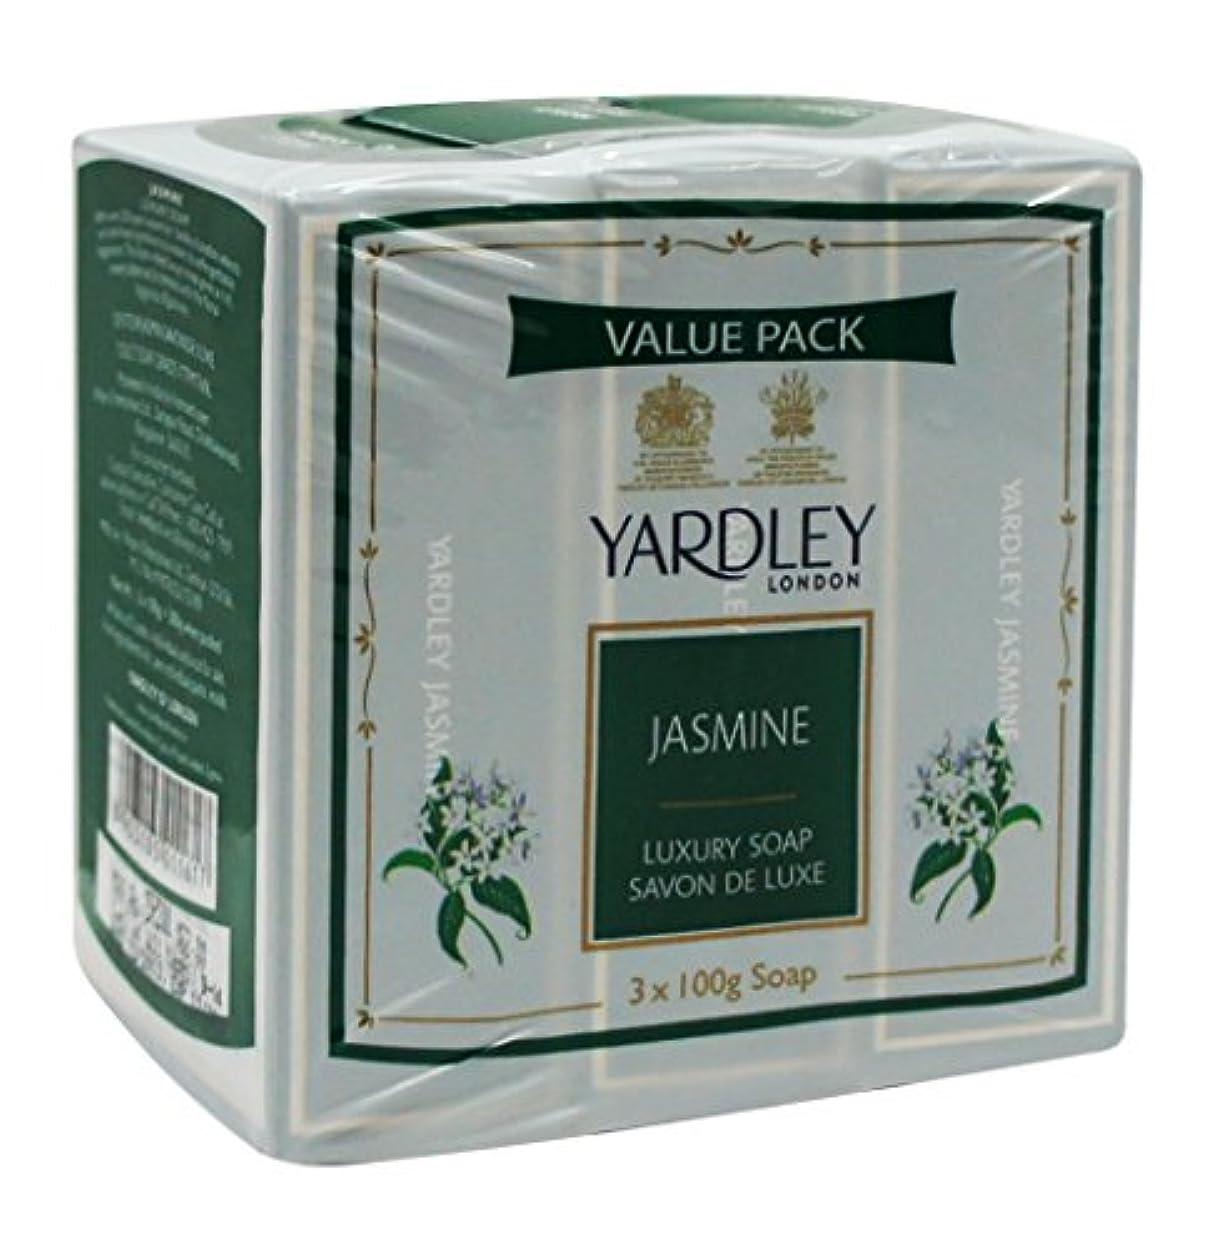 幻滅する不屈治世Yardley London Value Pack Luxury Soap 3x100g Jasmine by Yardley